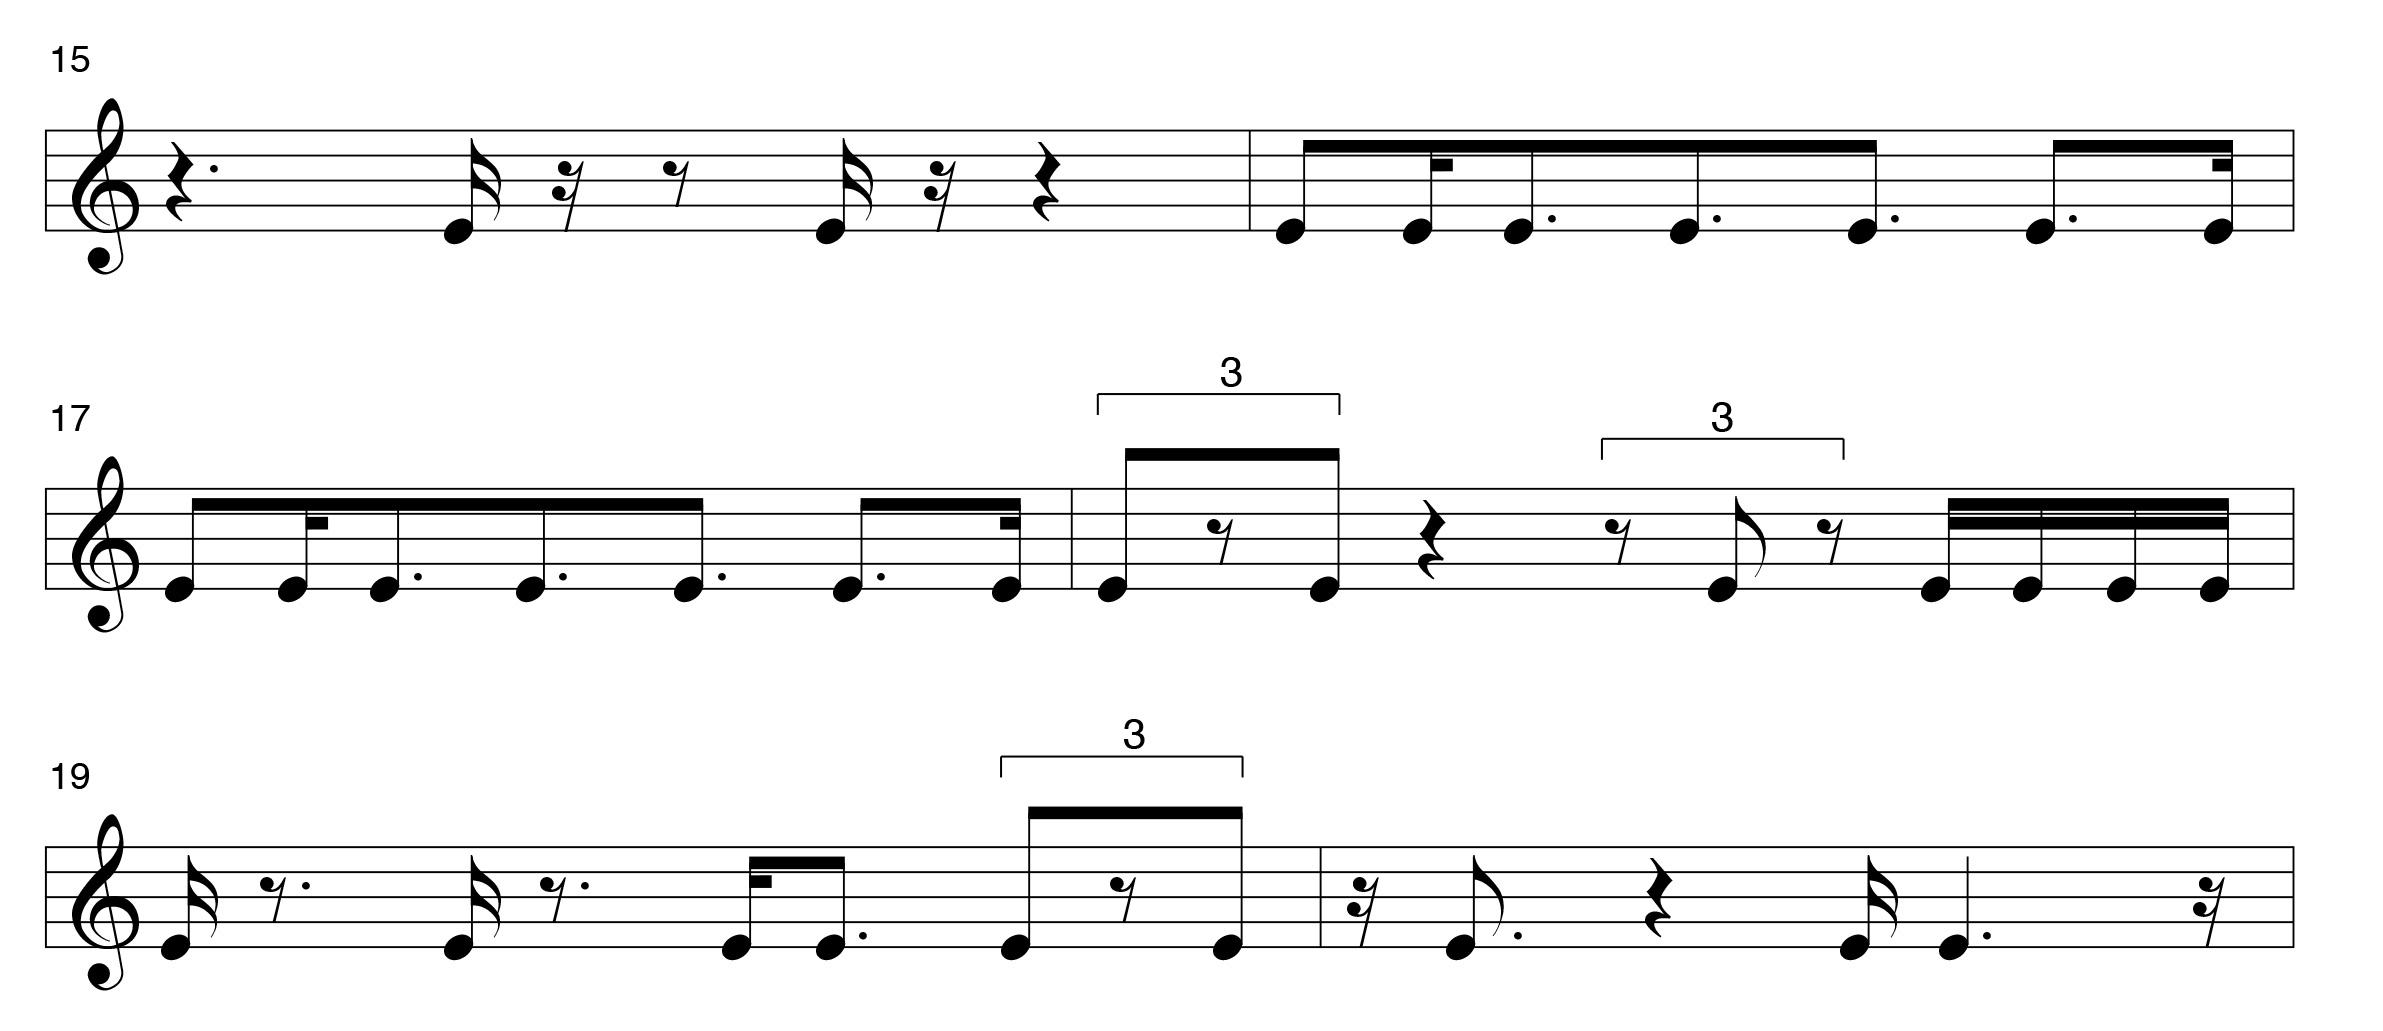 Contemporary Rhythms V2